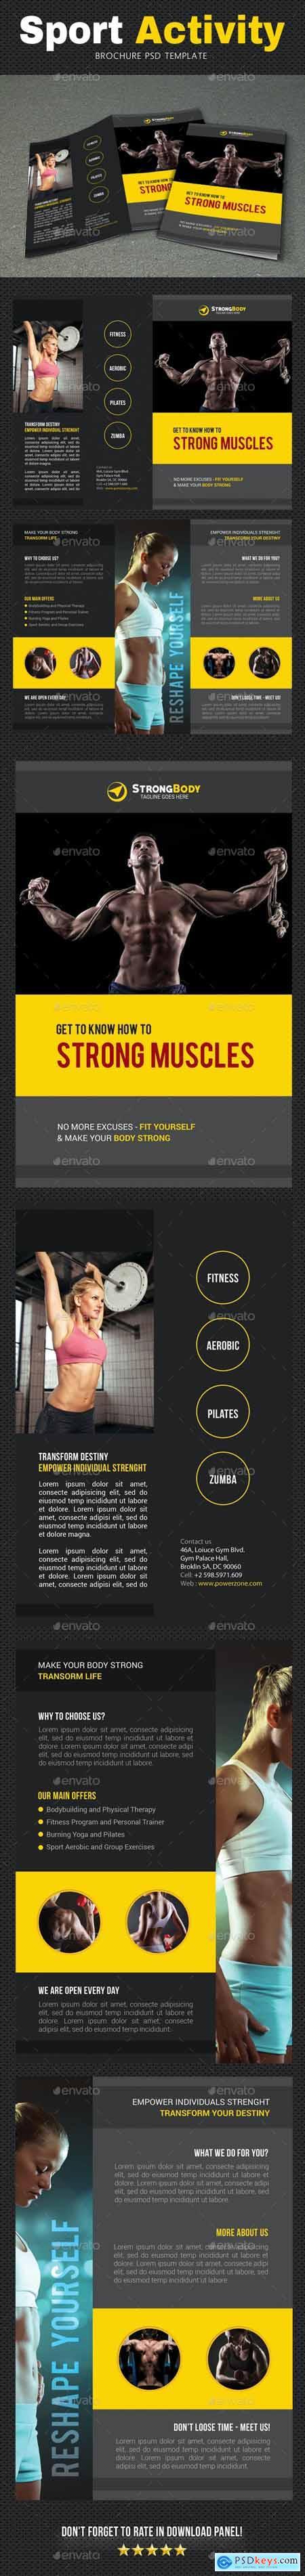 Sport Activity Brochure 3 20649464